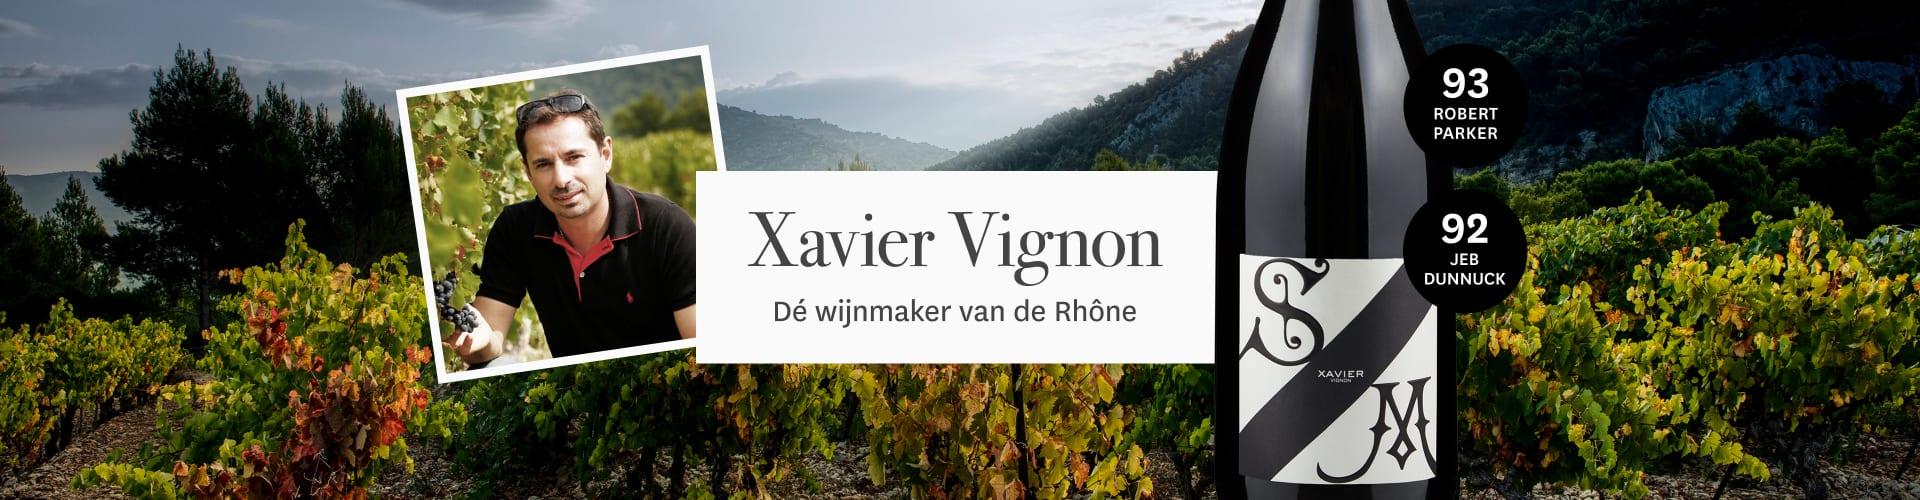 Landschap van Xavier Vignon en zijn Rhône wijnen